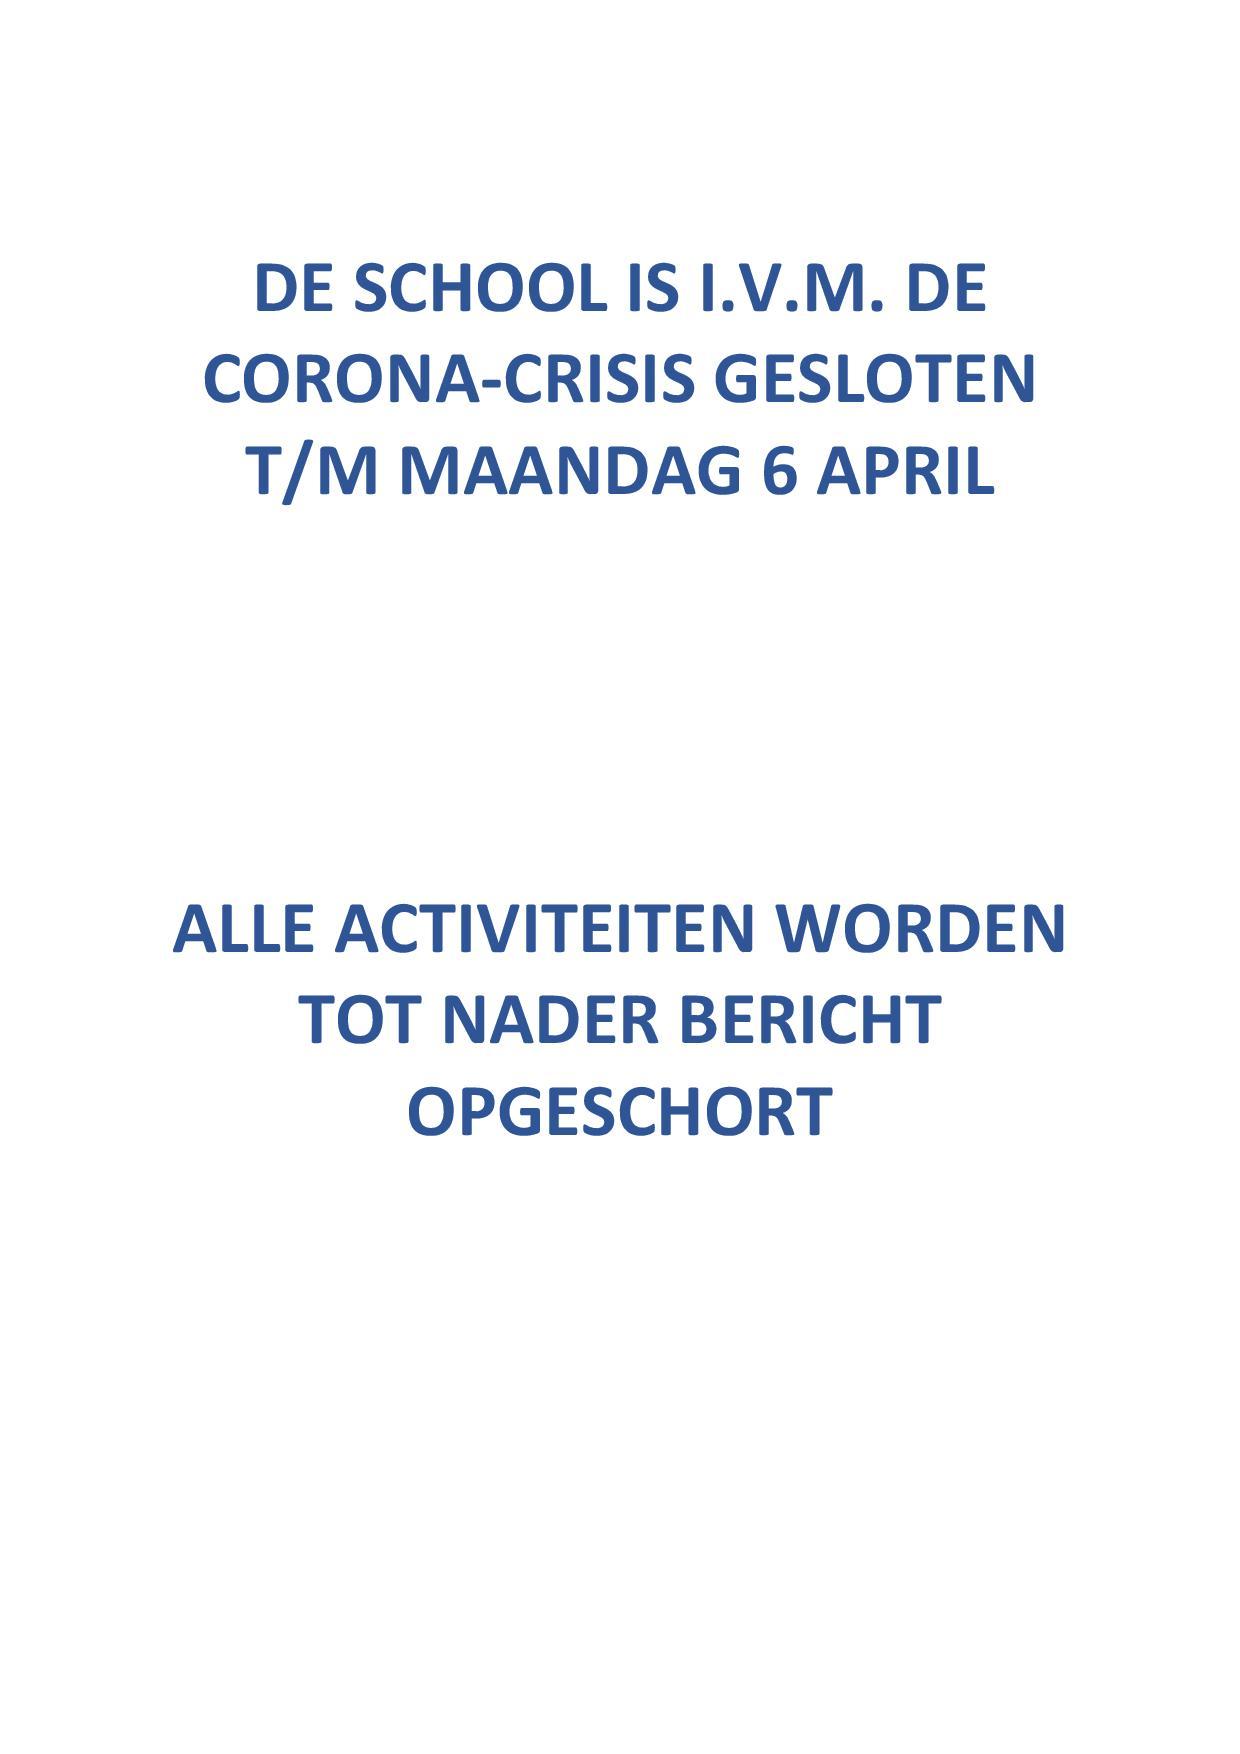 De school is i.v.m. de corona-crisis gesloten t/m maandag 6 april